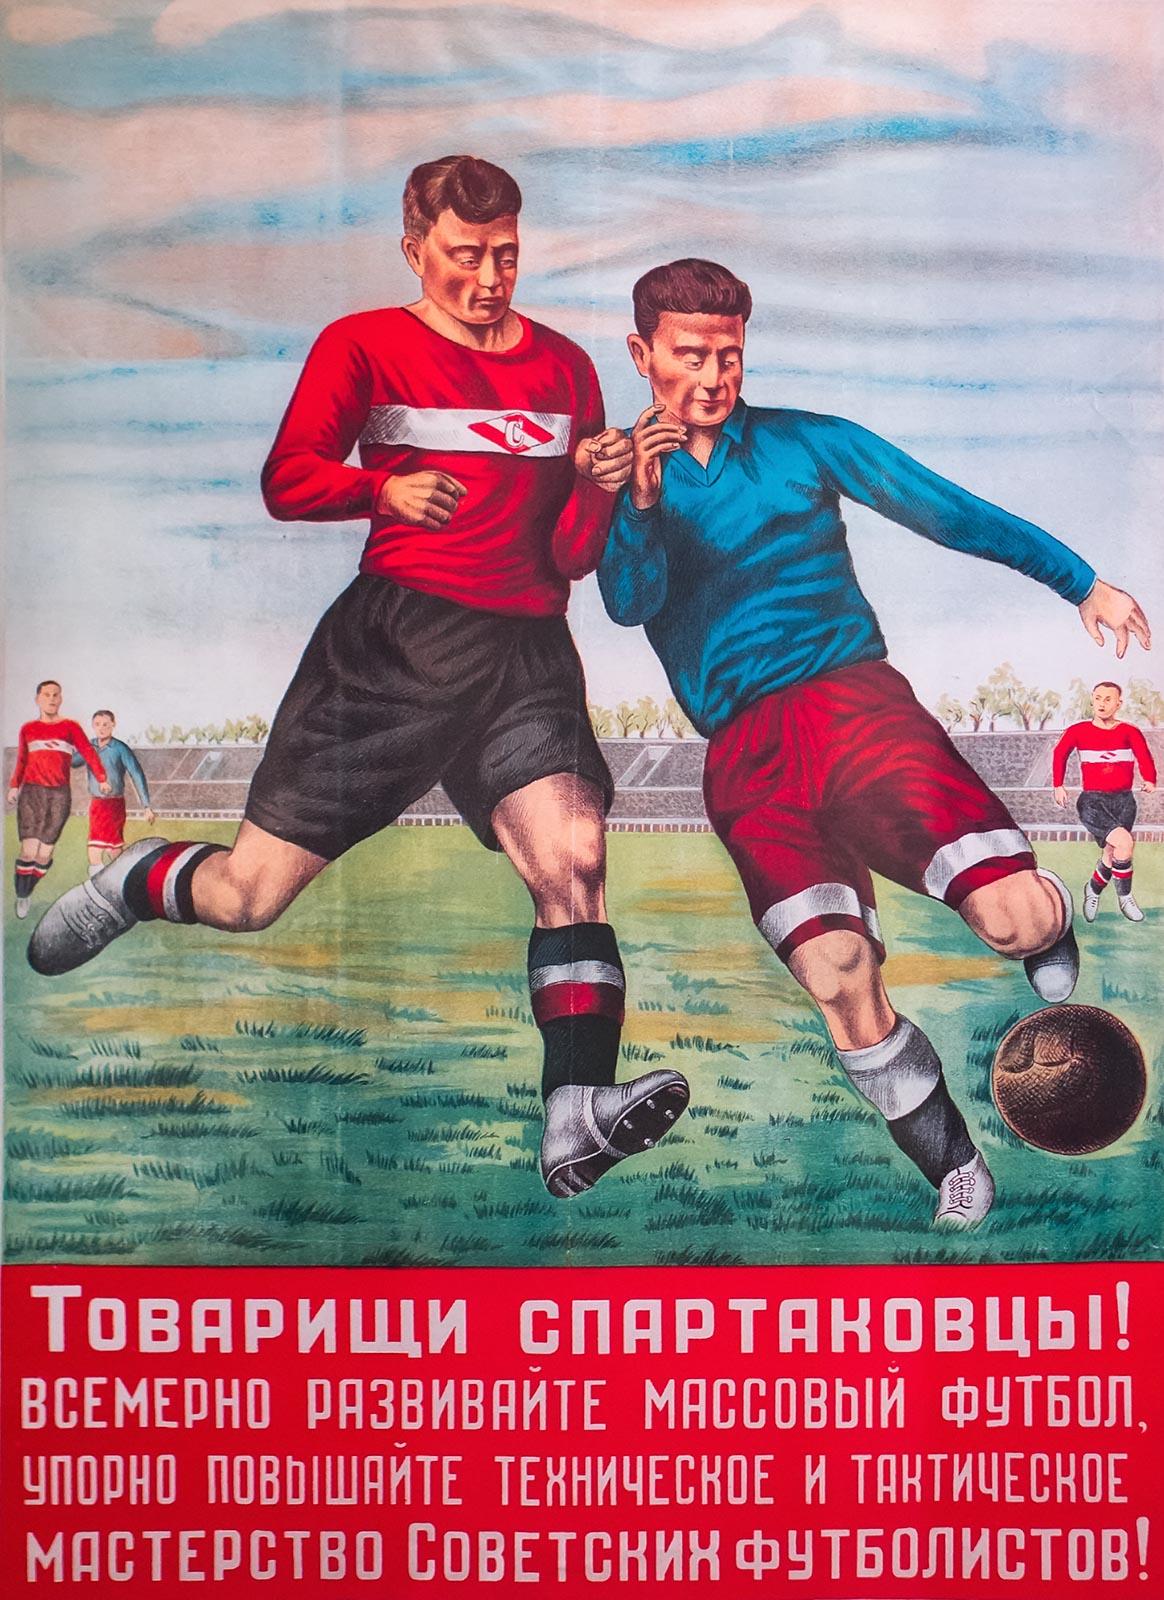 Фото №143792. Товарищи спартаковцы! Всемерно развивайте массовый футбол.